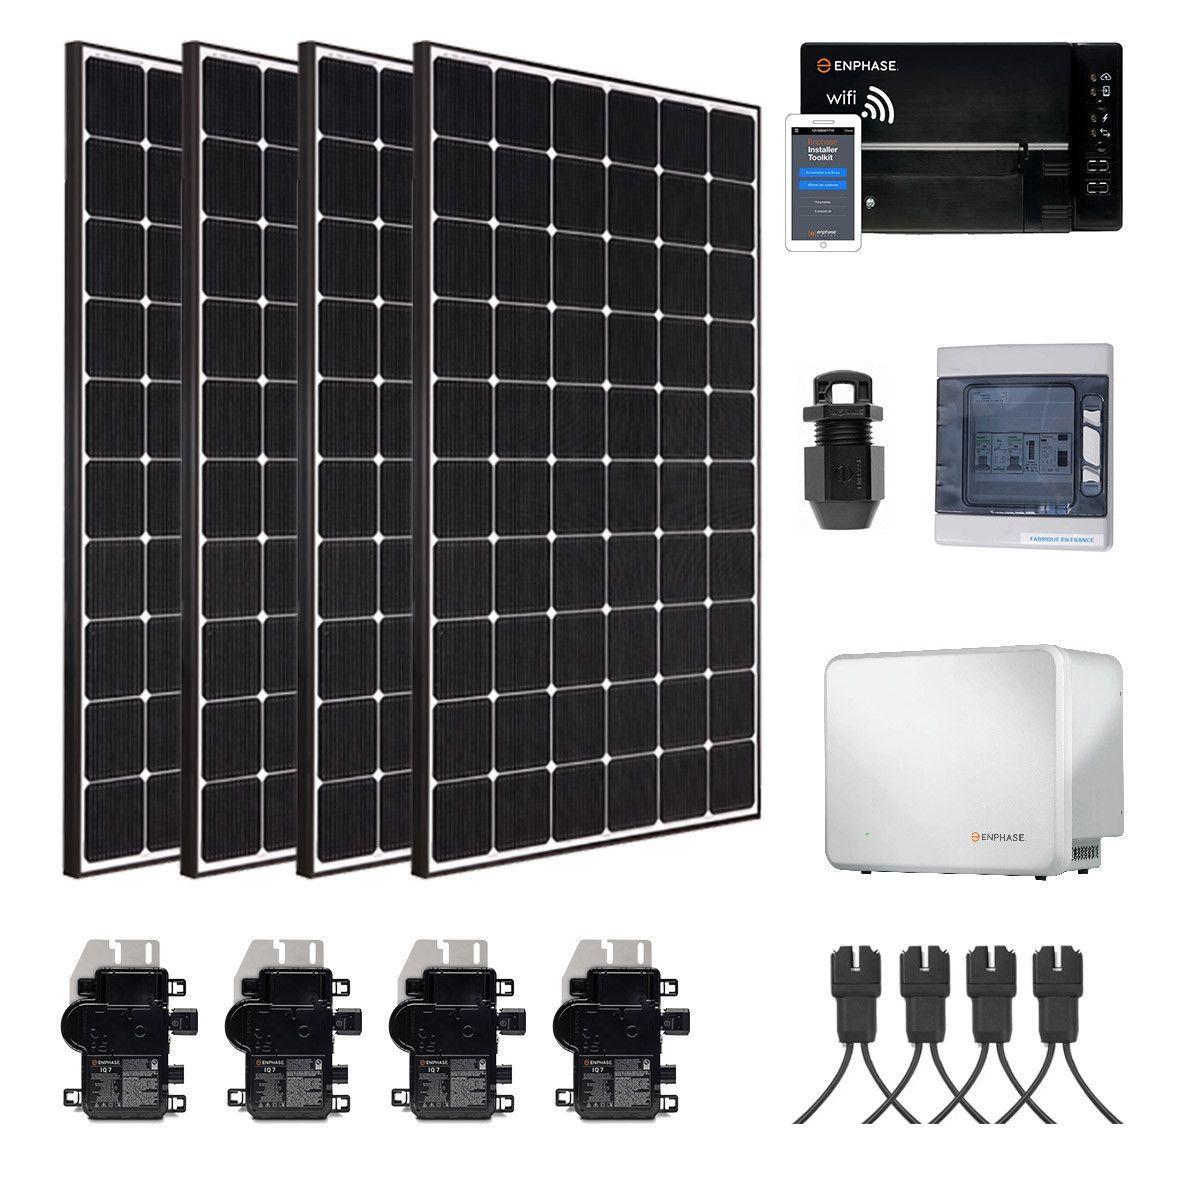 kit solaire 1320w autoconsommation avec batterie. Black Bedroom Furniture Sets. Home Design Ideas